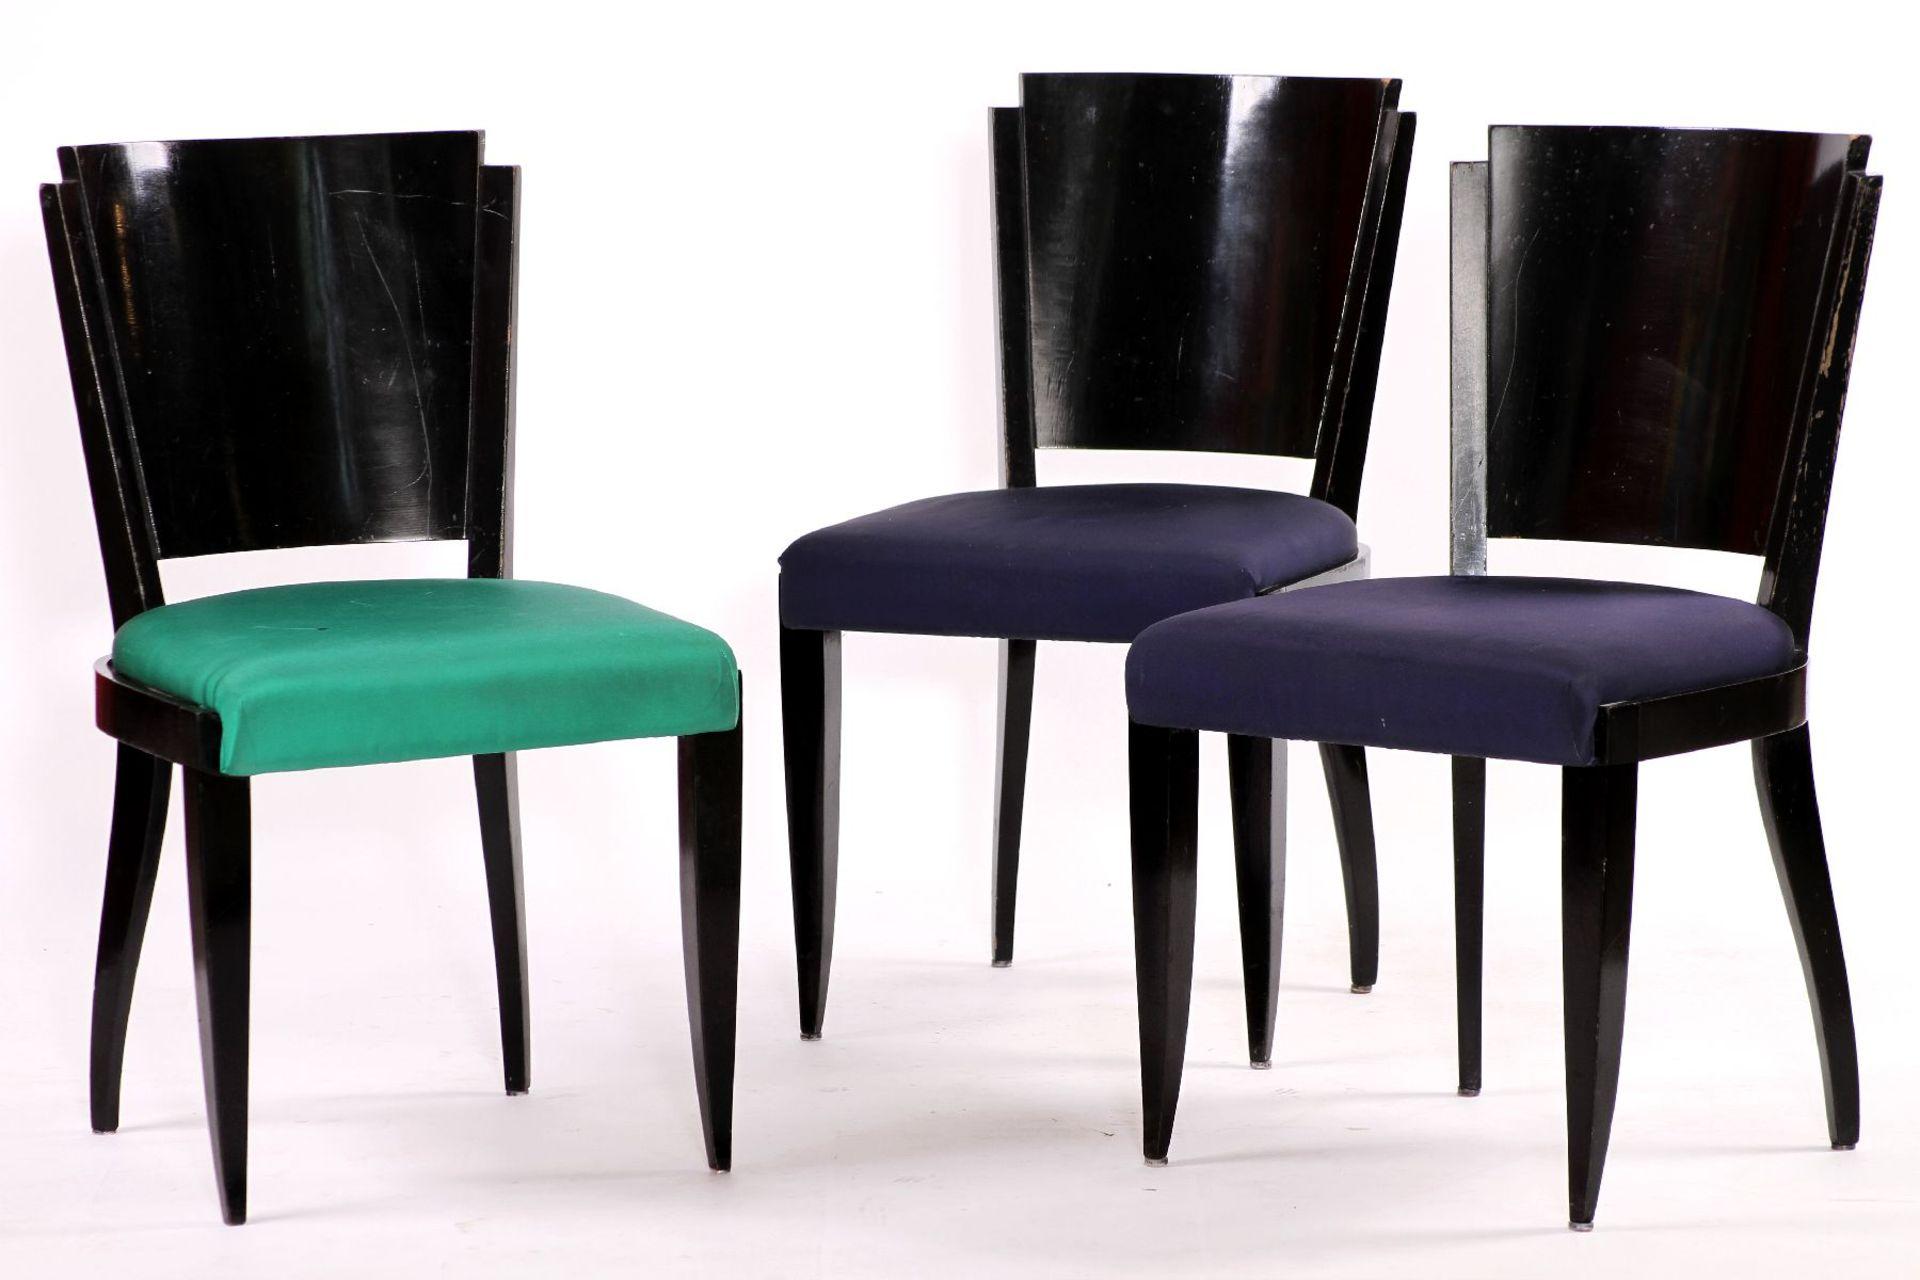 3 Stühle, im ArtDéco-Stil, Massivholz, schwarz glänzend